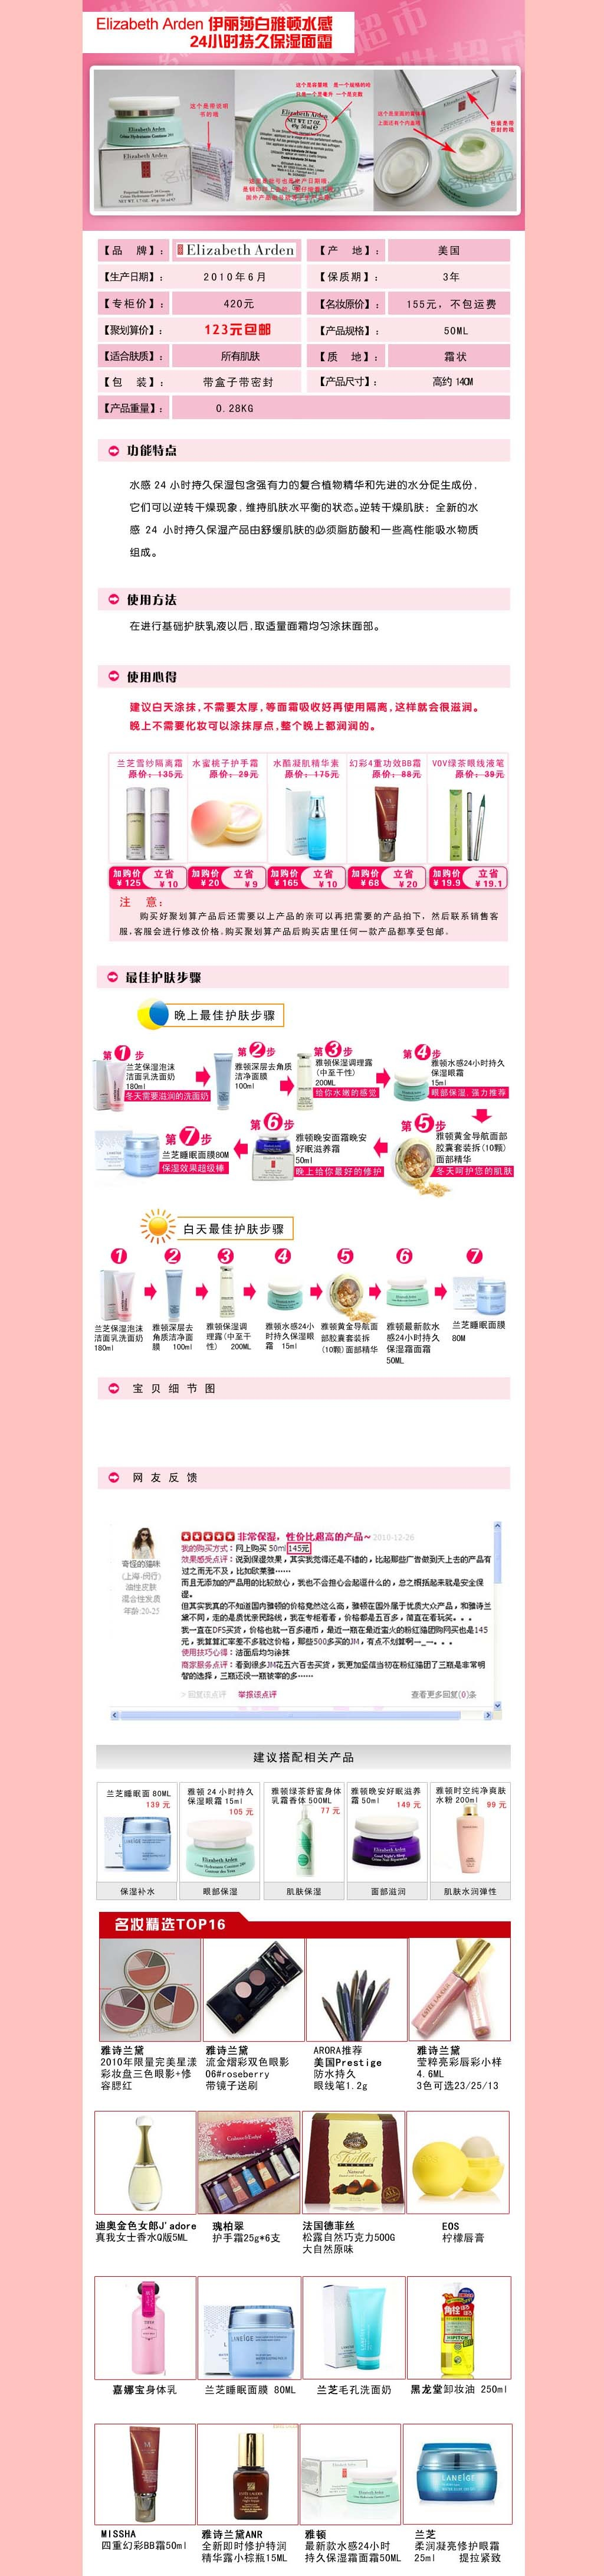 淘宝化妆品详情页宝贝描述模板